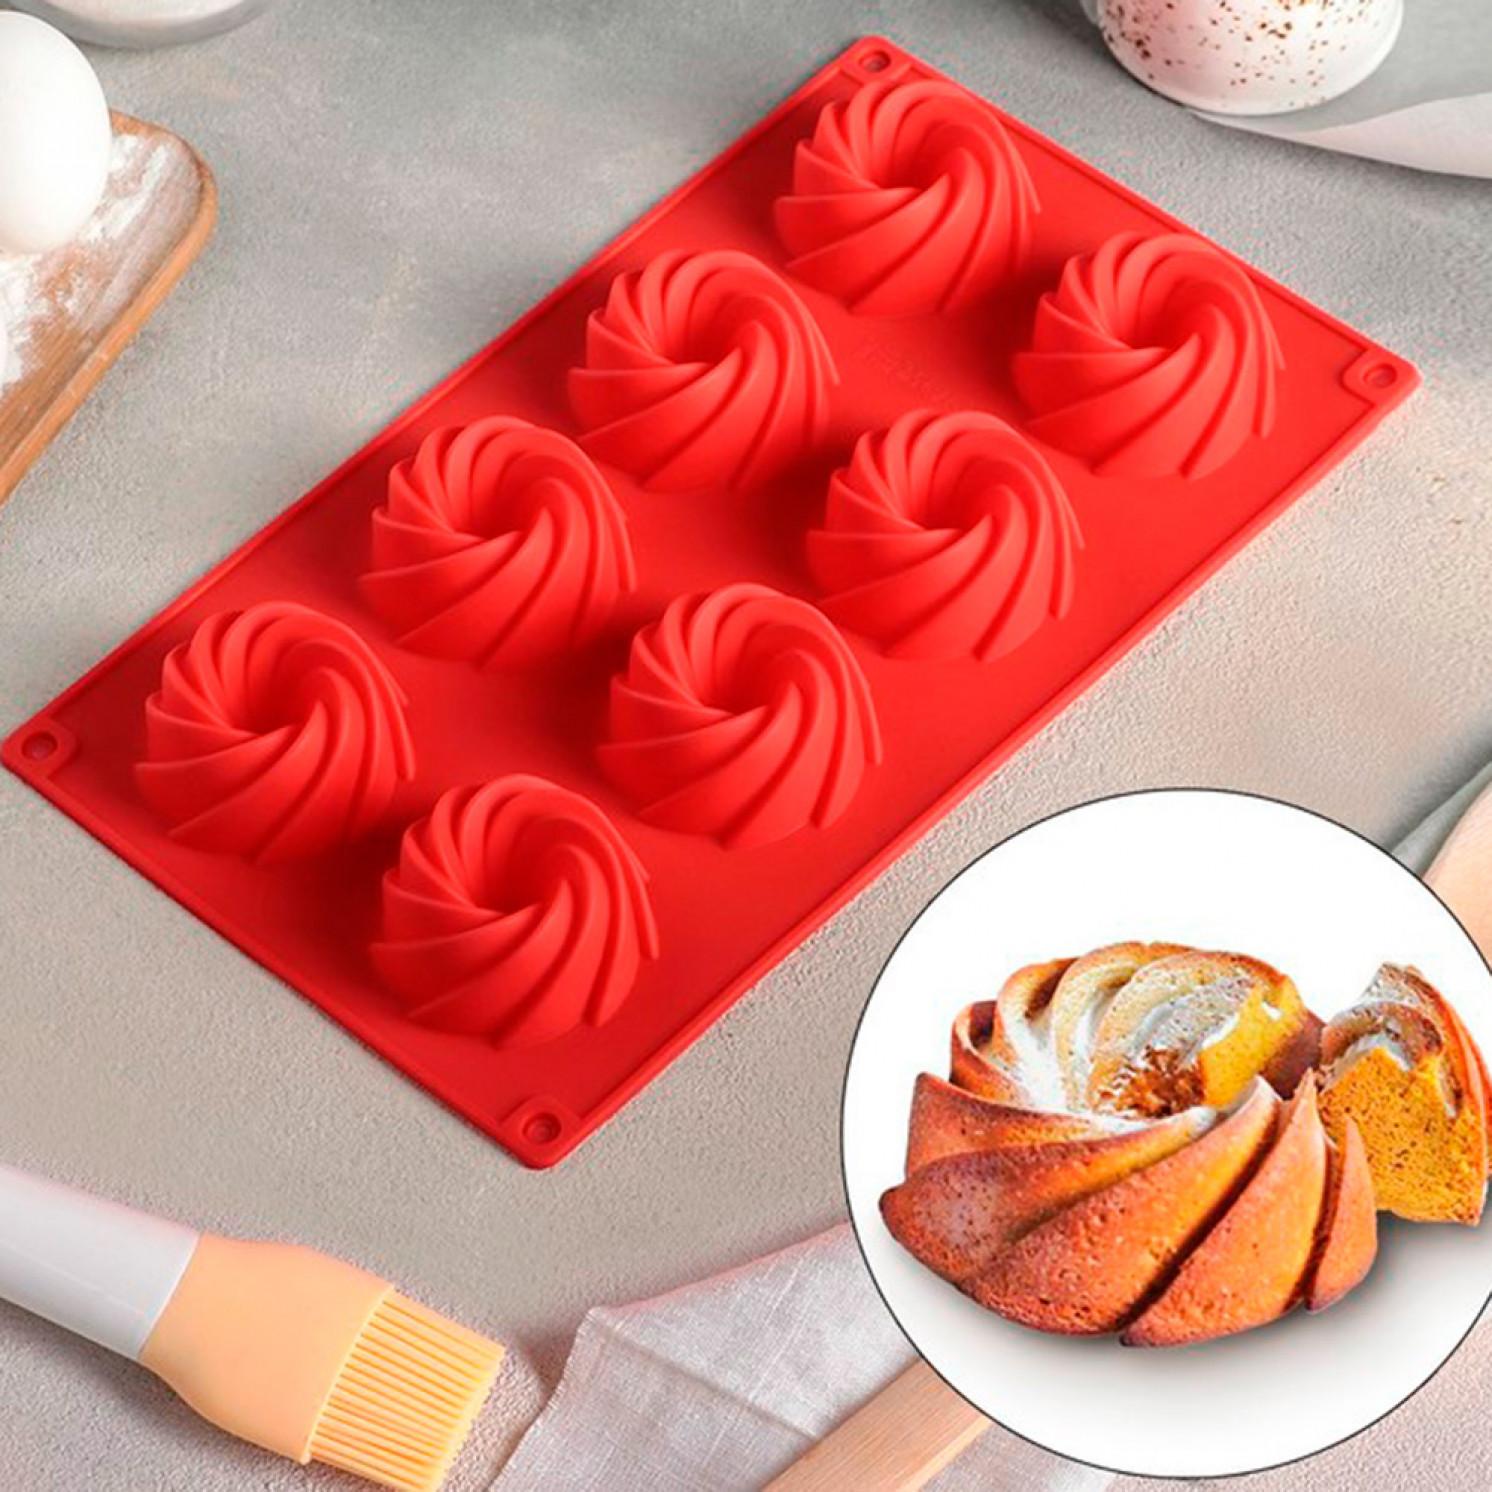 Форма для выпечки «Немецкий кекс. Вихрь», 28,5×17 см, 8 ячеек (d=5,7 см), цвет МИКС